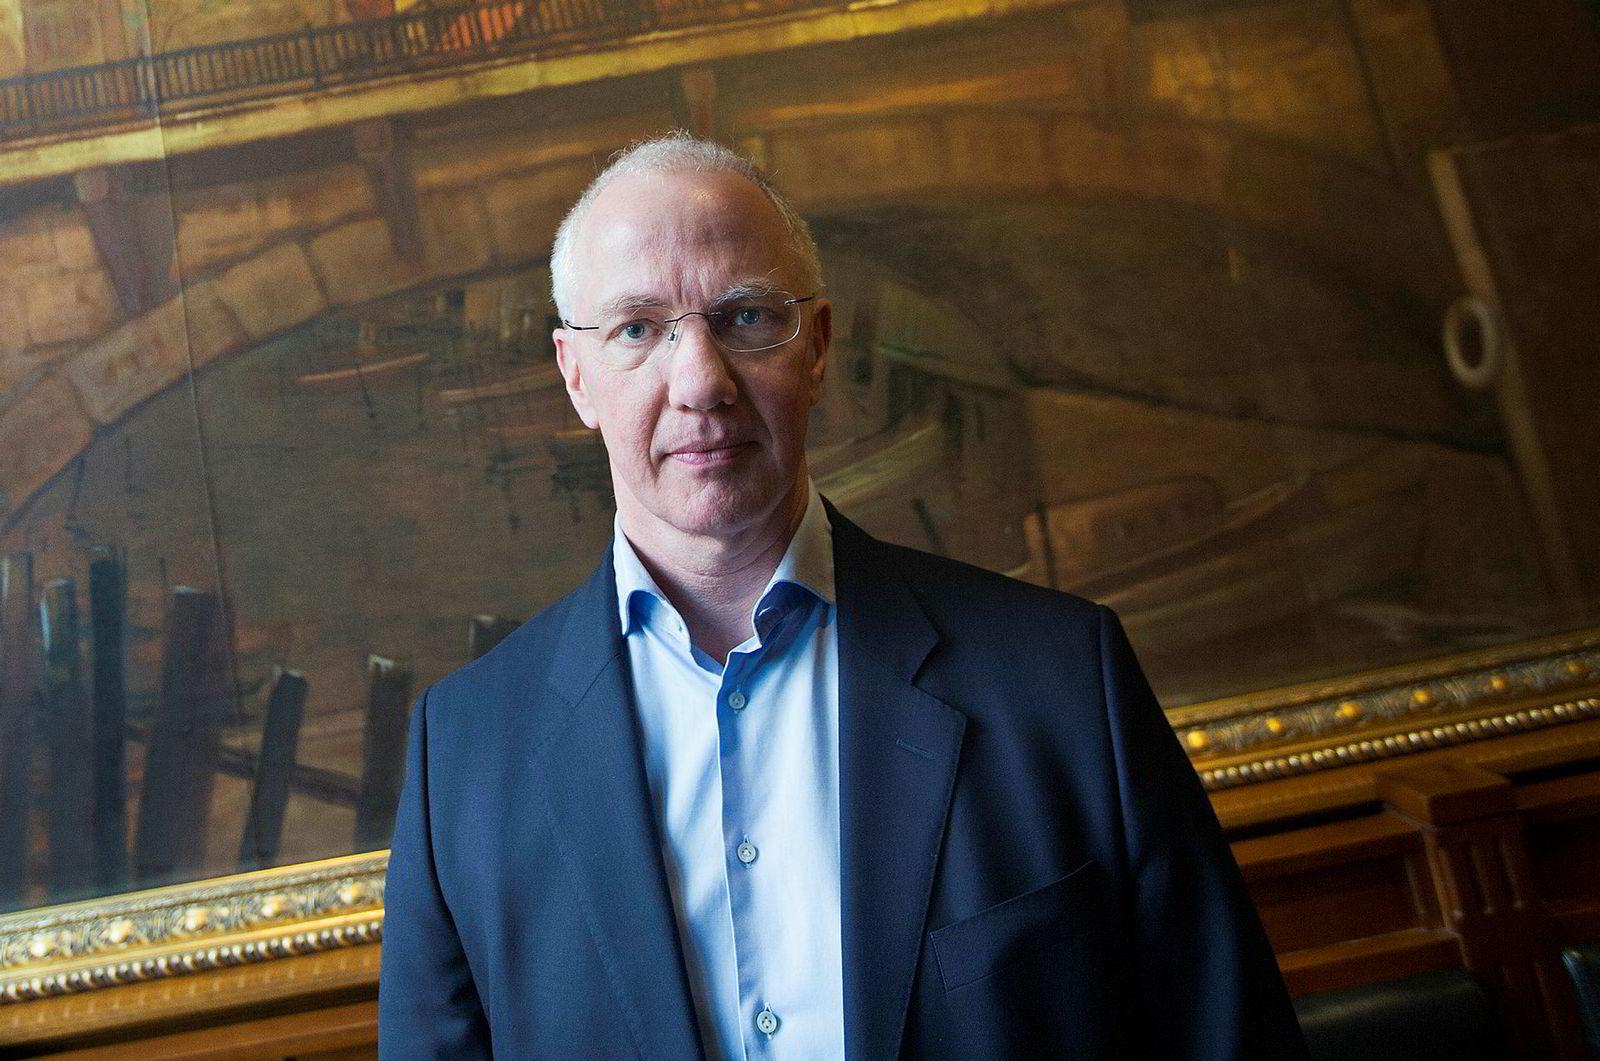 Vi har vært skeptiske til olje og offshoresektoren, sier Storebrand-forvalter Alf Inge Gjerde.